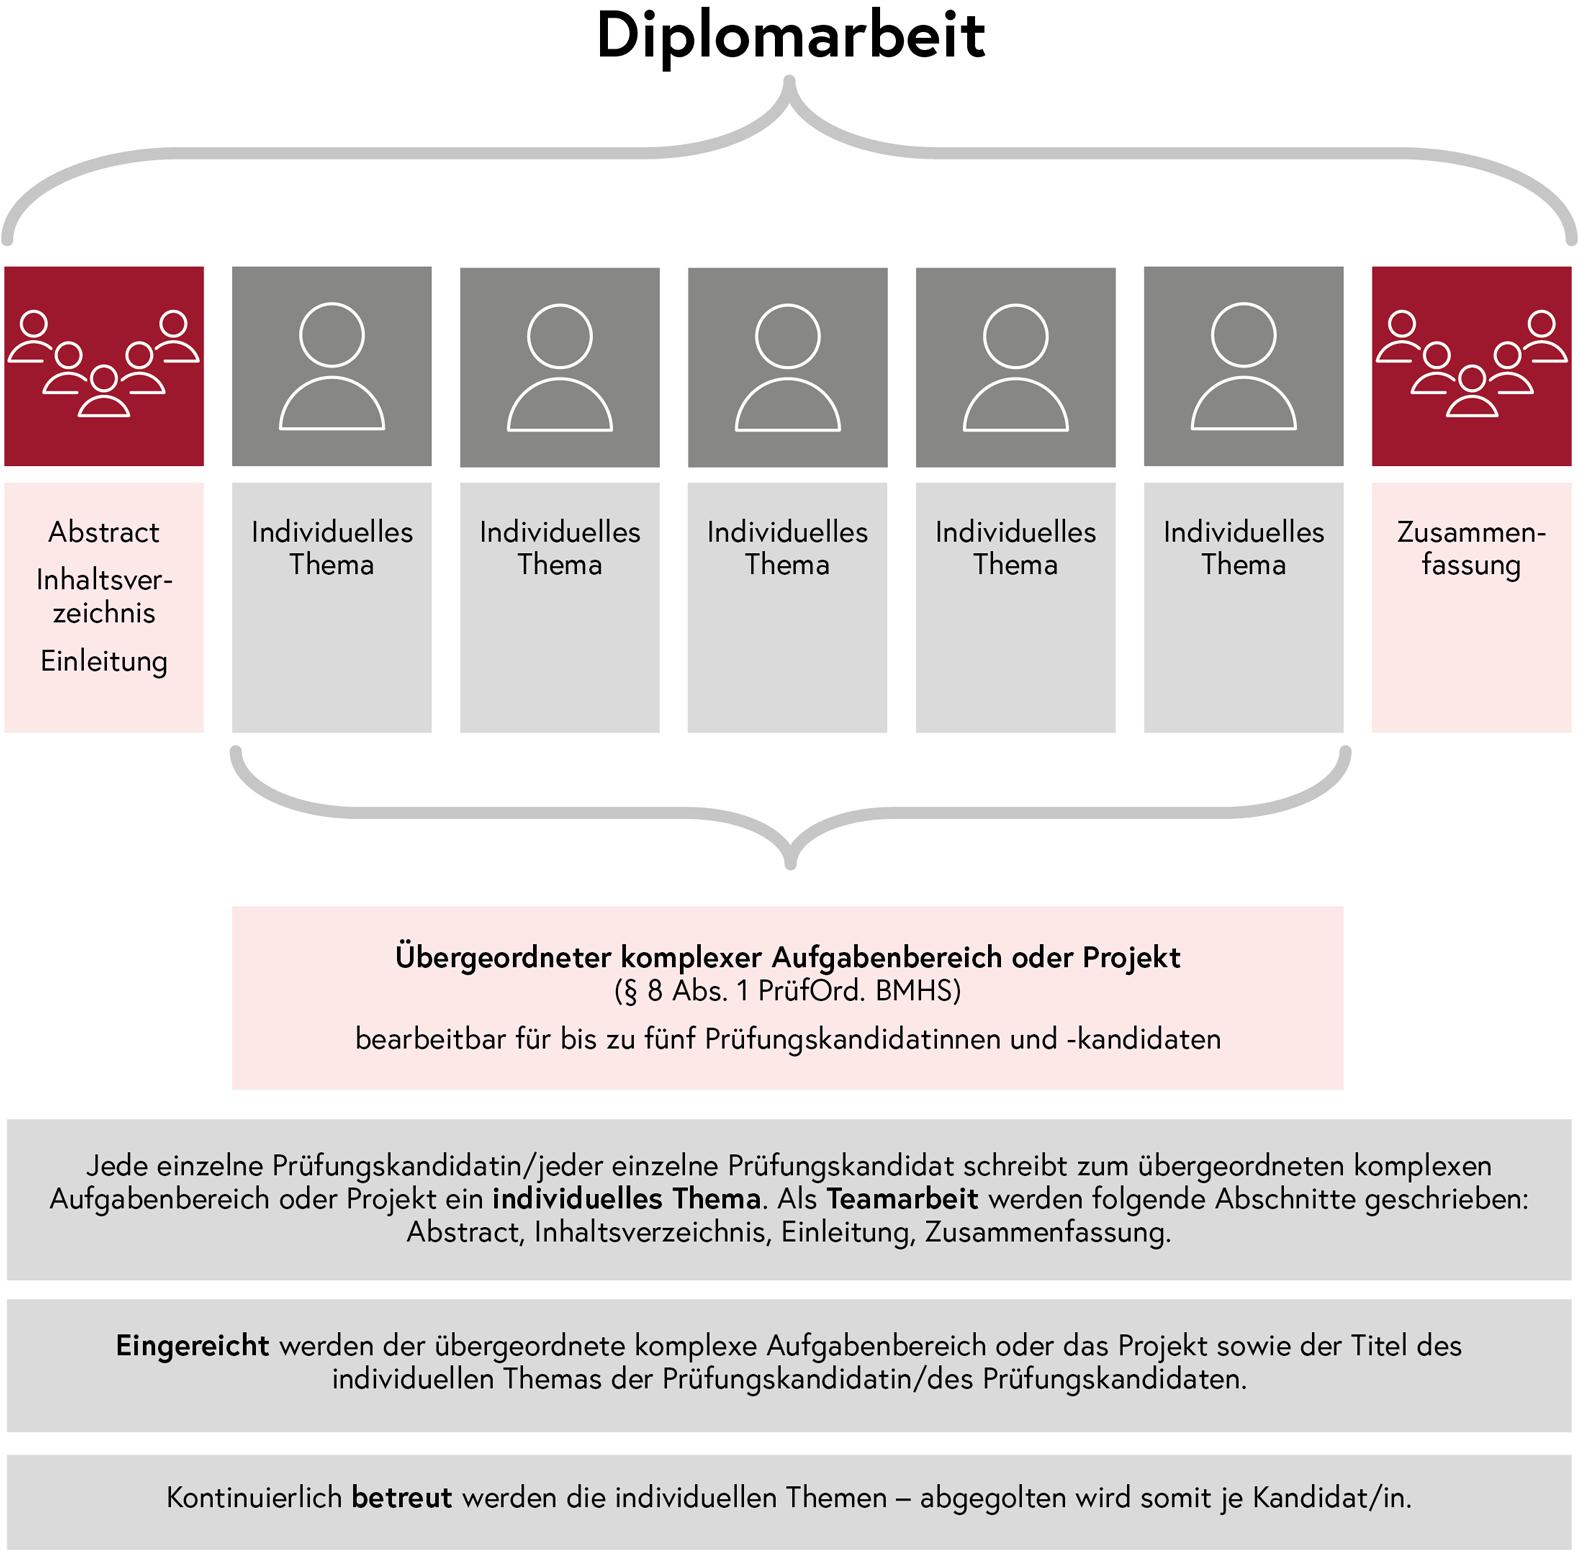 Veranschaulichung des Begriffs Diplomarbeit